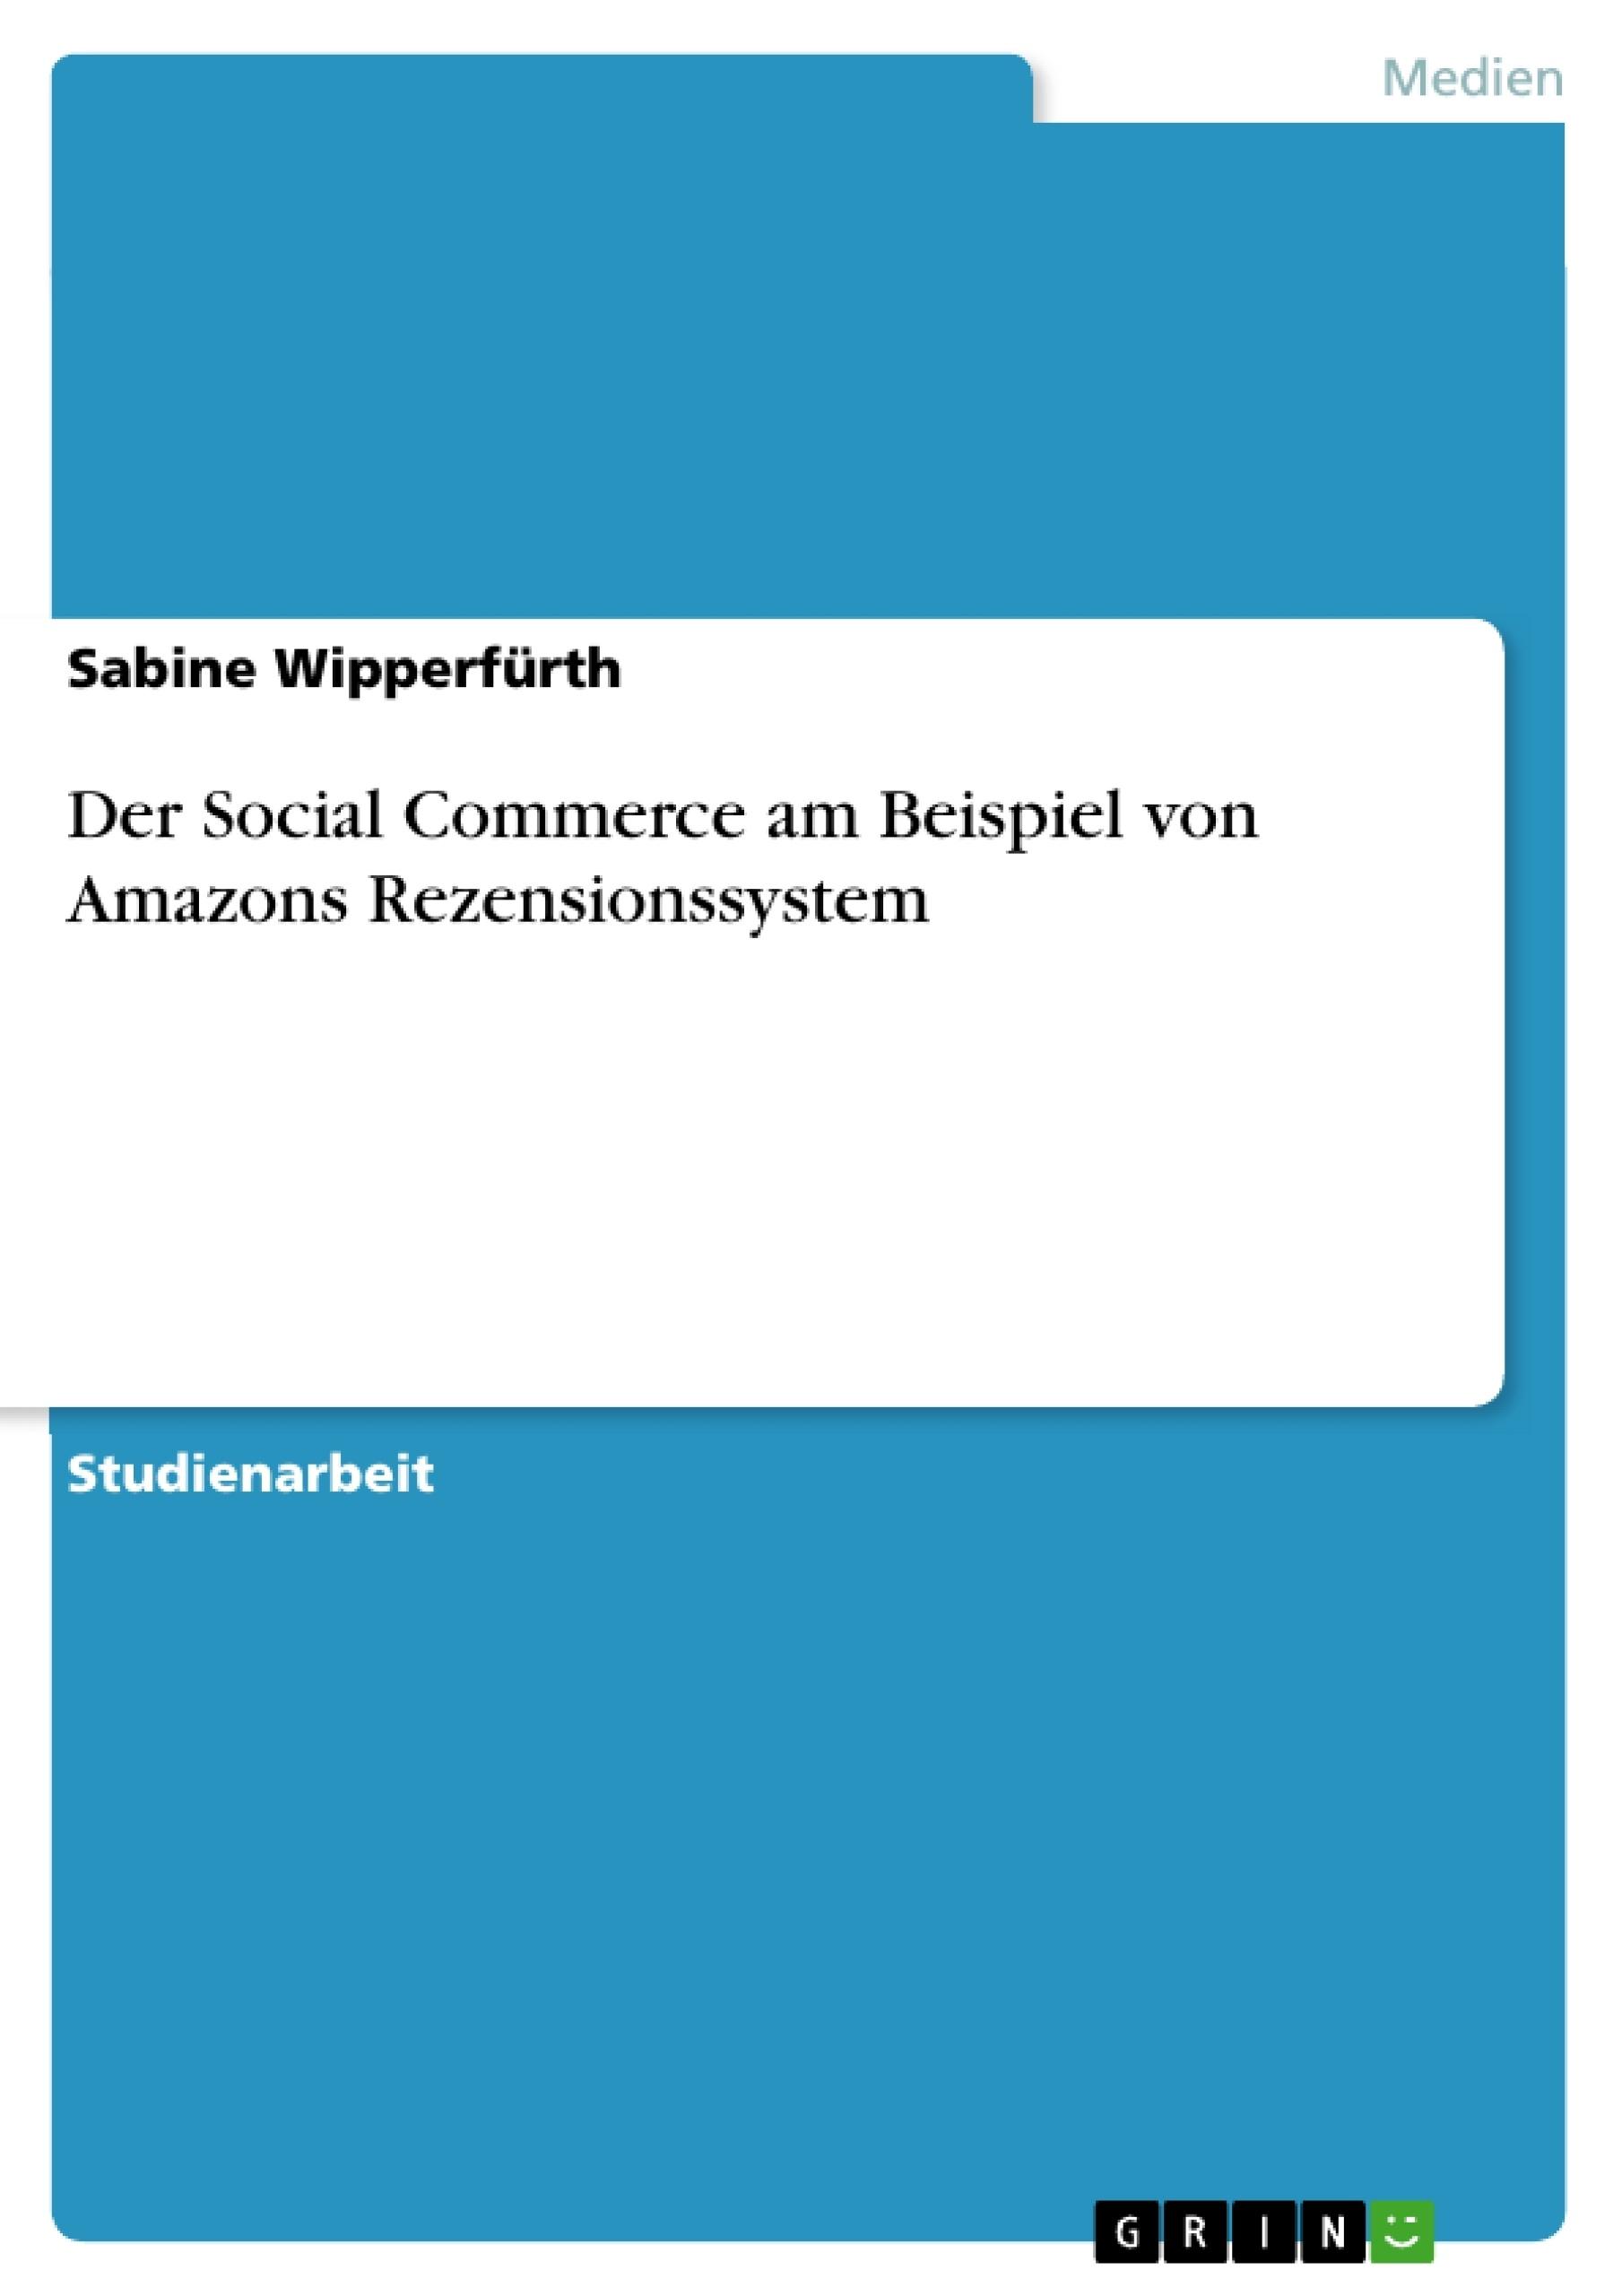 Titel: Der Social Commerce am Beispiel von Amazons Rezensionssystem